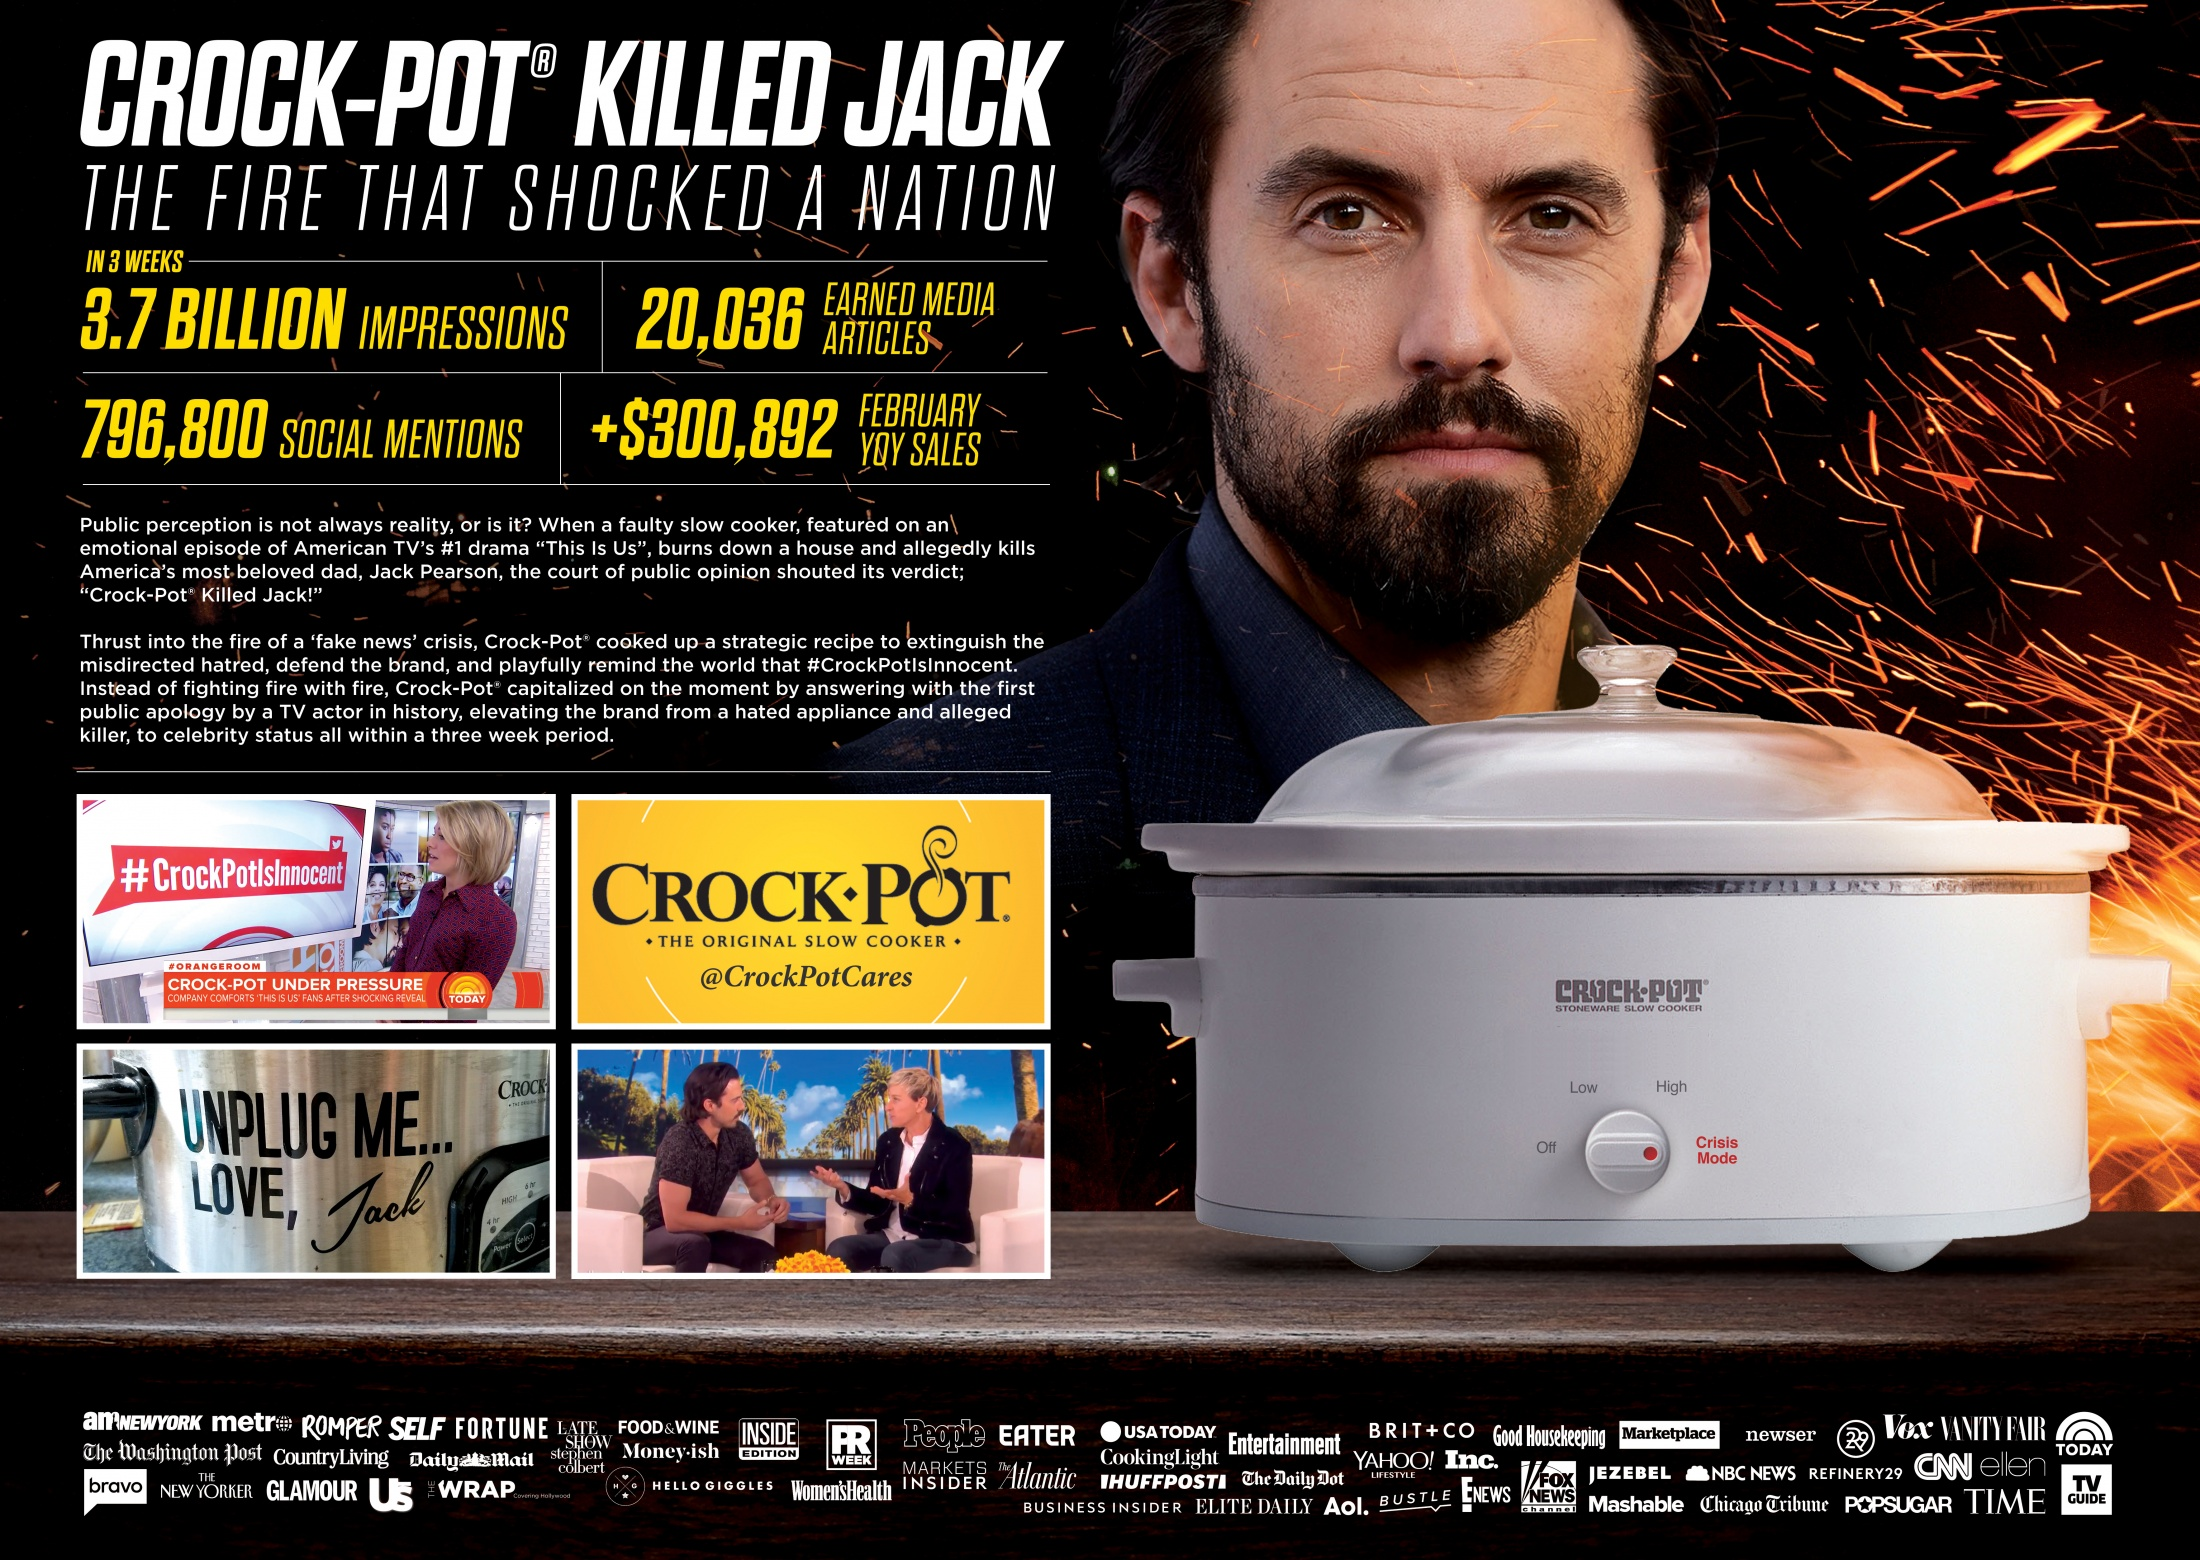 Thumbnail for Crock-Pot Killed Jack